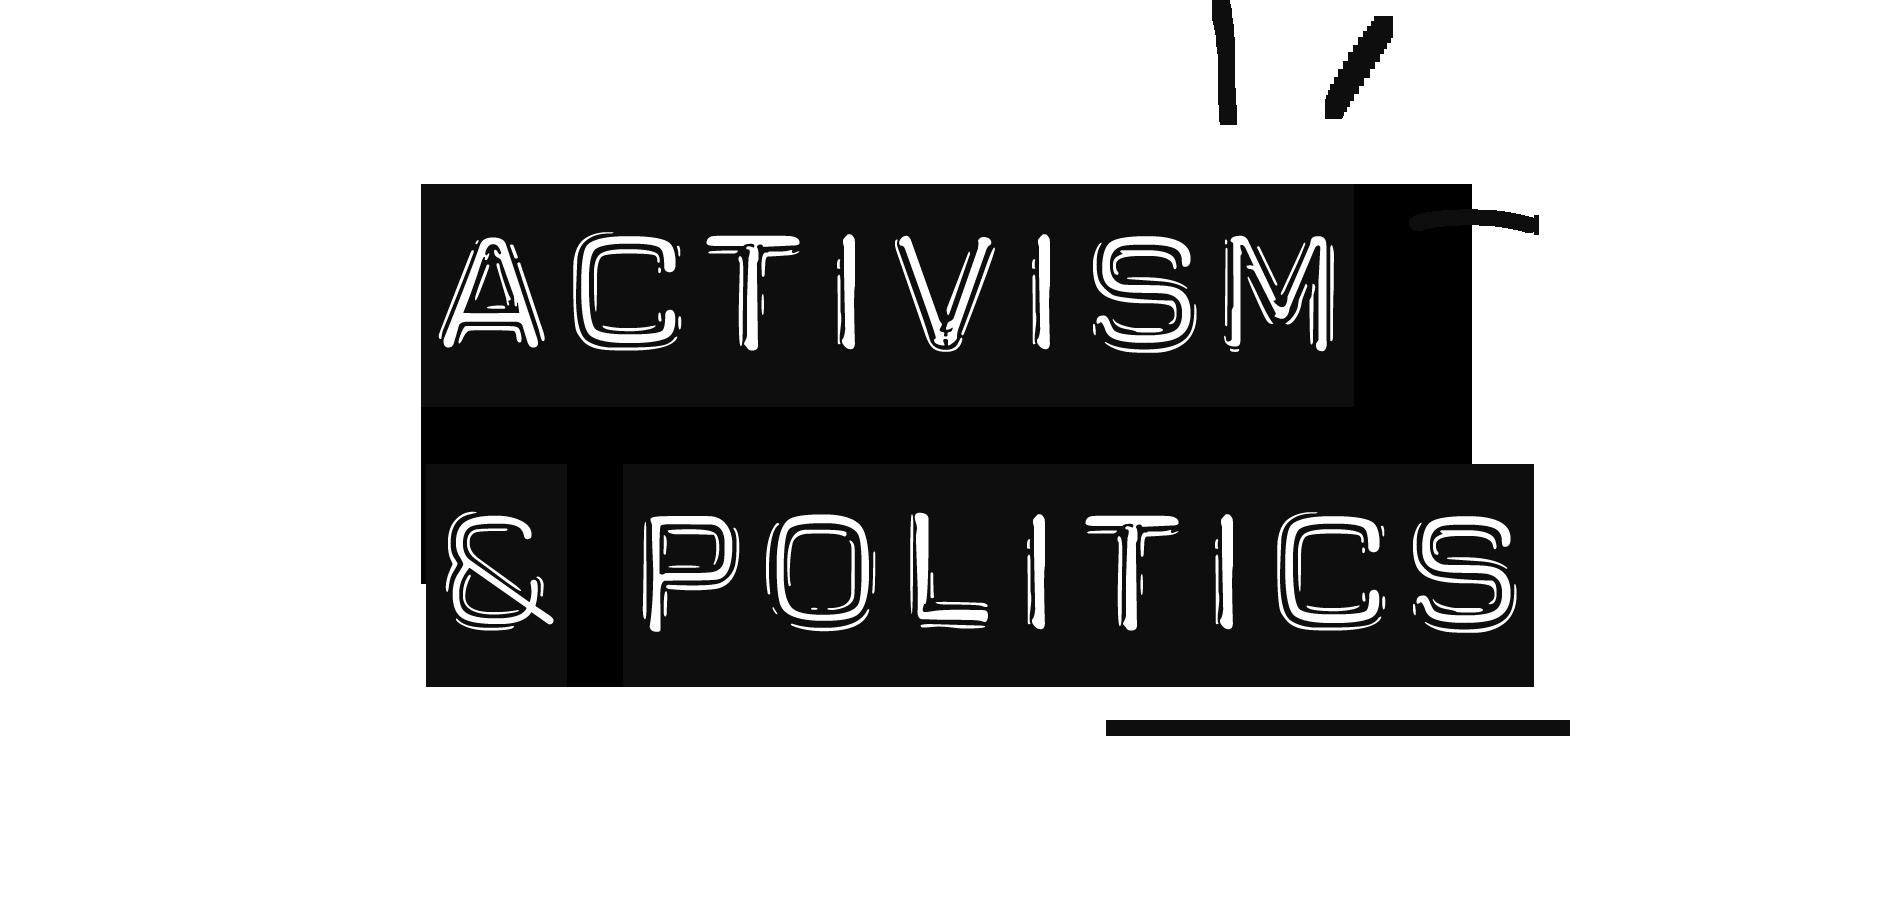 activism-politics.png